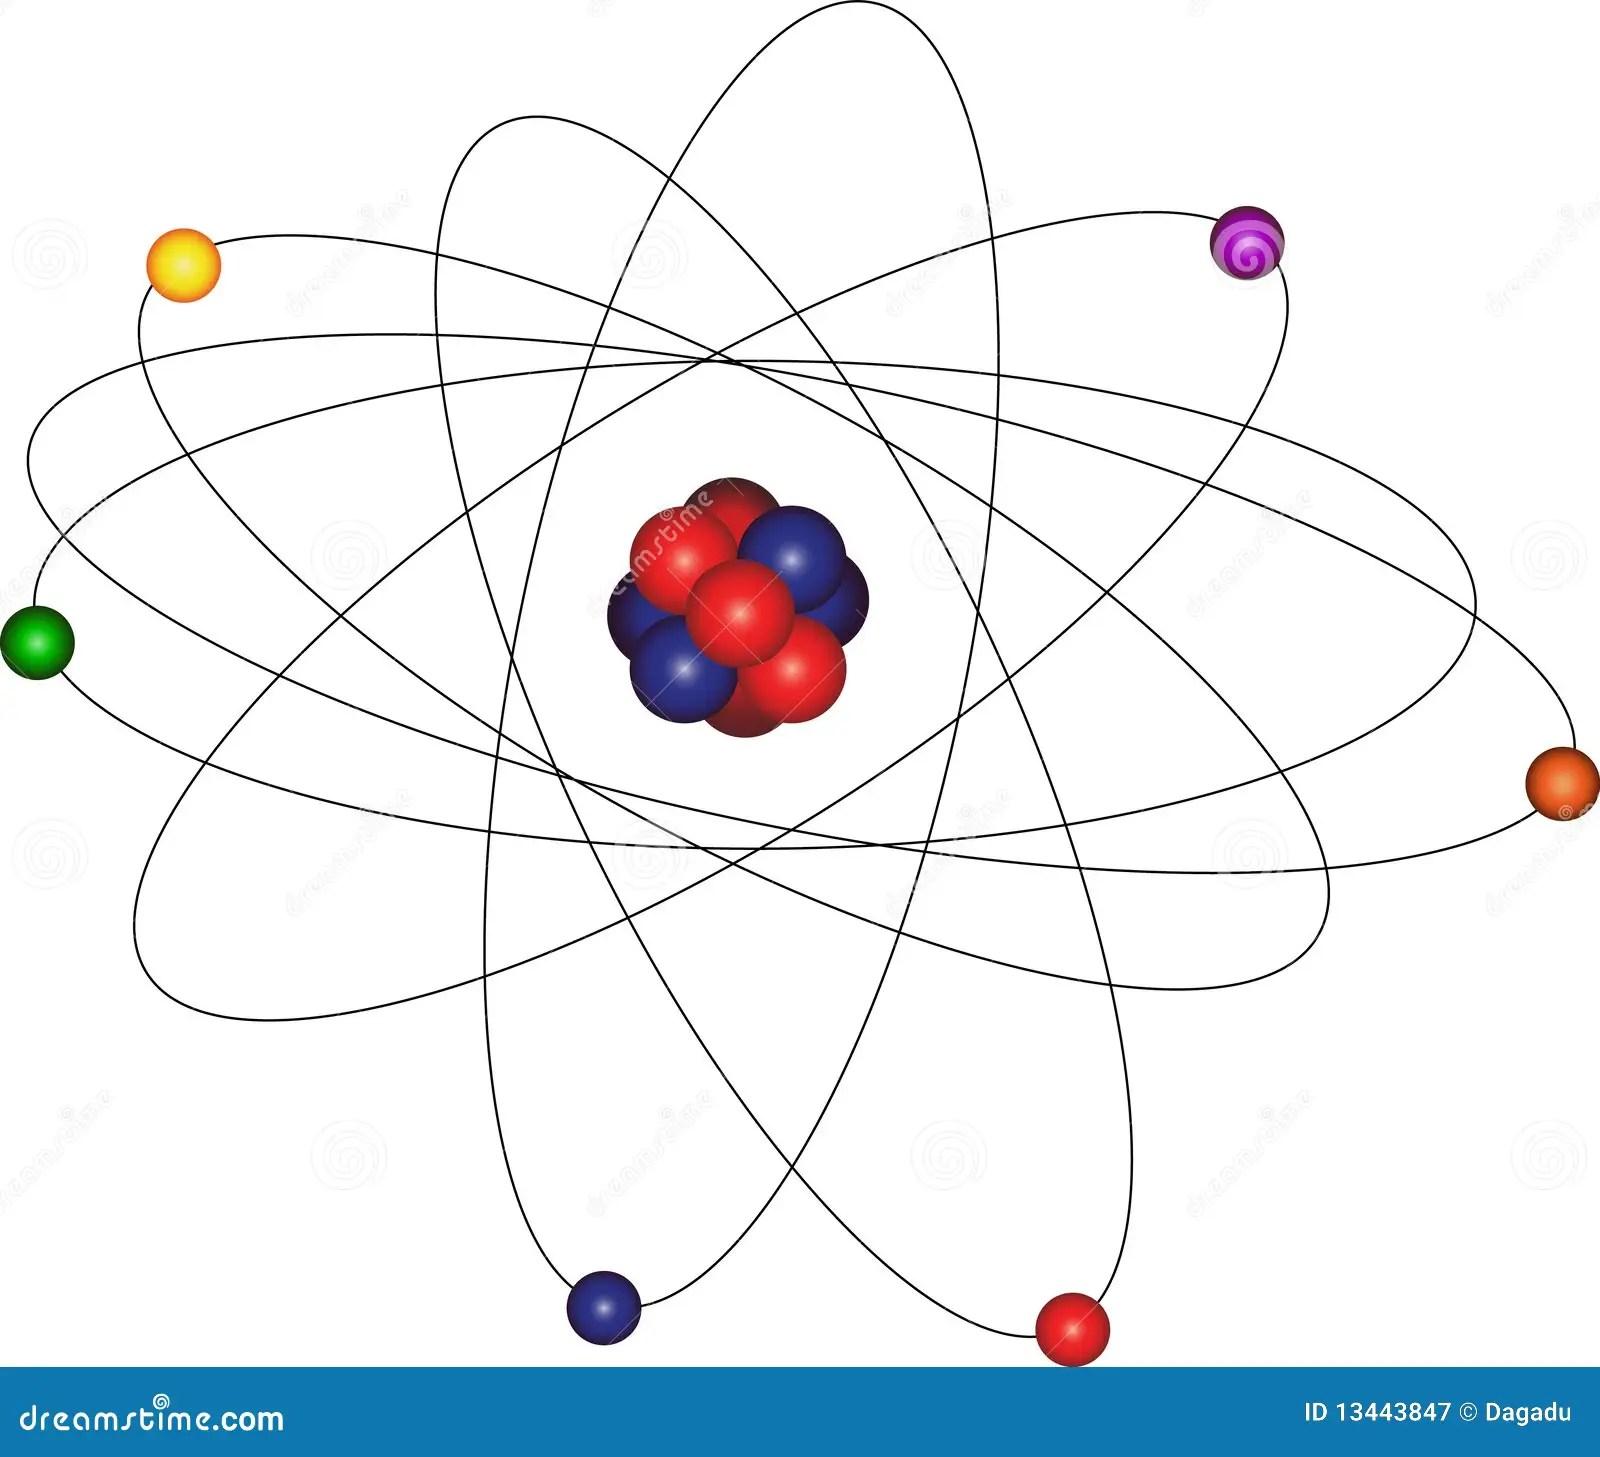 Atomo Com Orbita Do Eletron Fotografia De Stock Royalty